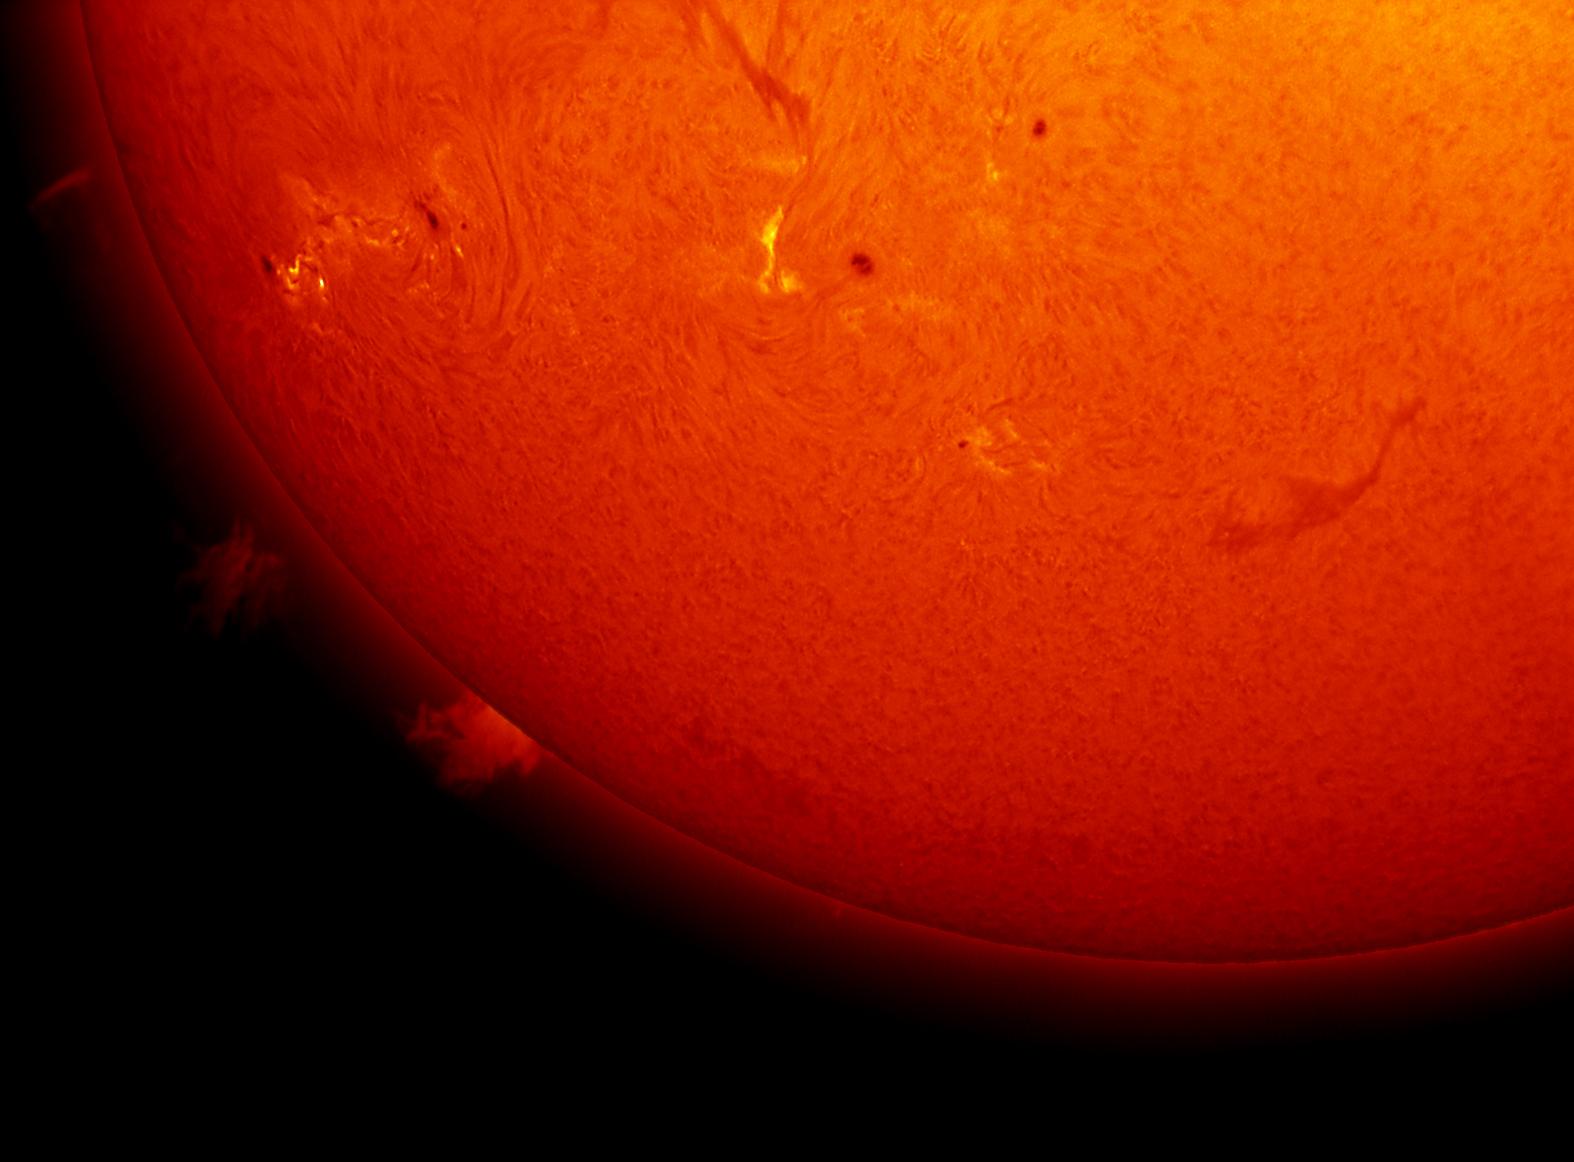 Sun - July 28, 2012